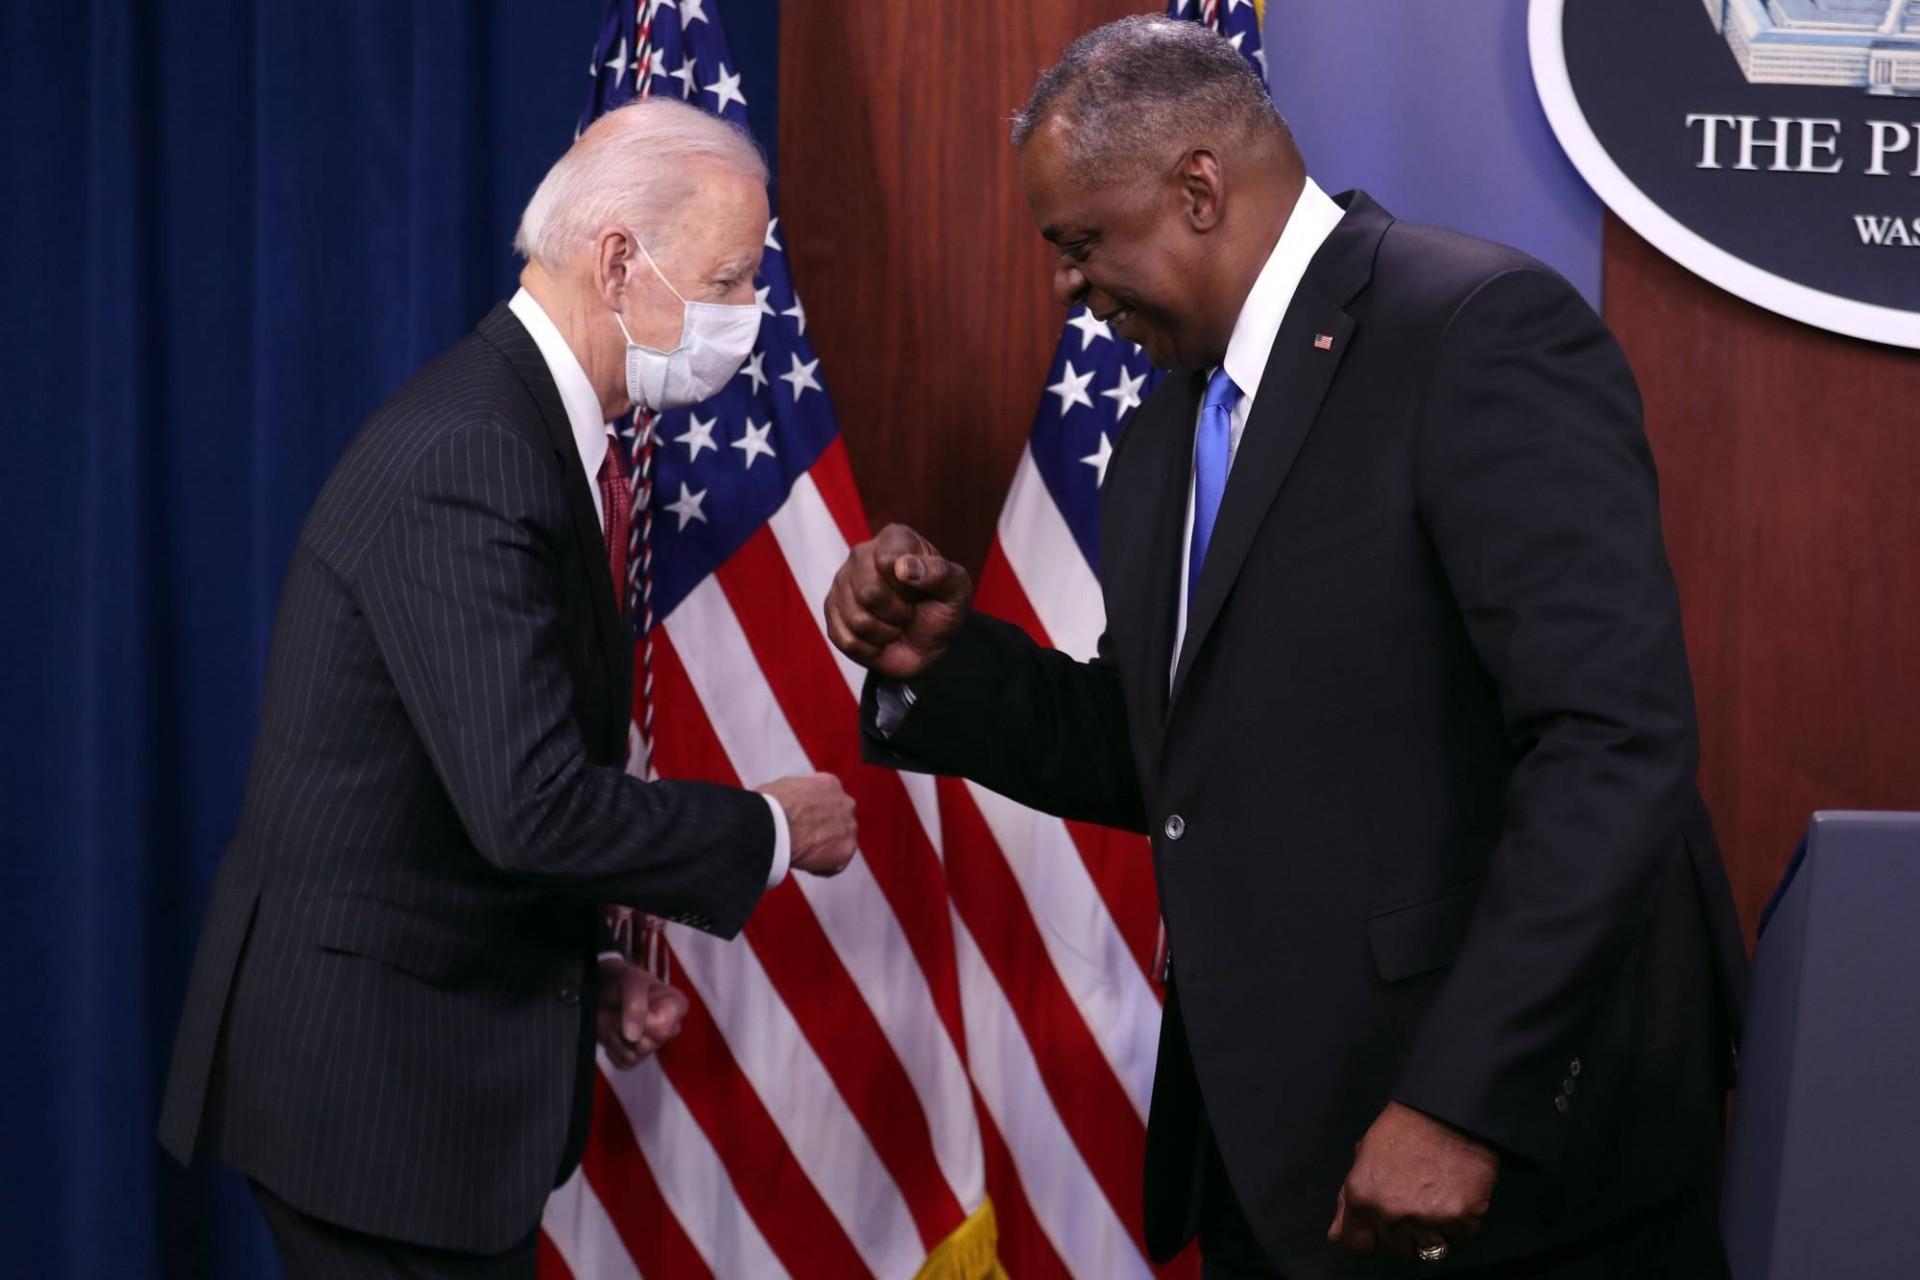 Bộ trưởng Quốc phòng Mỹ Lloyd Austin có nhiều hoạt động triển khai chính sách Ấn Độ - Thái Bình Dương rộng mở của Tổng thống Joe Biden kể từ khi nhậm chức. (Nguồn: New York Times)